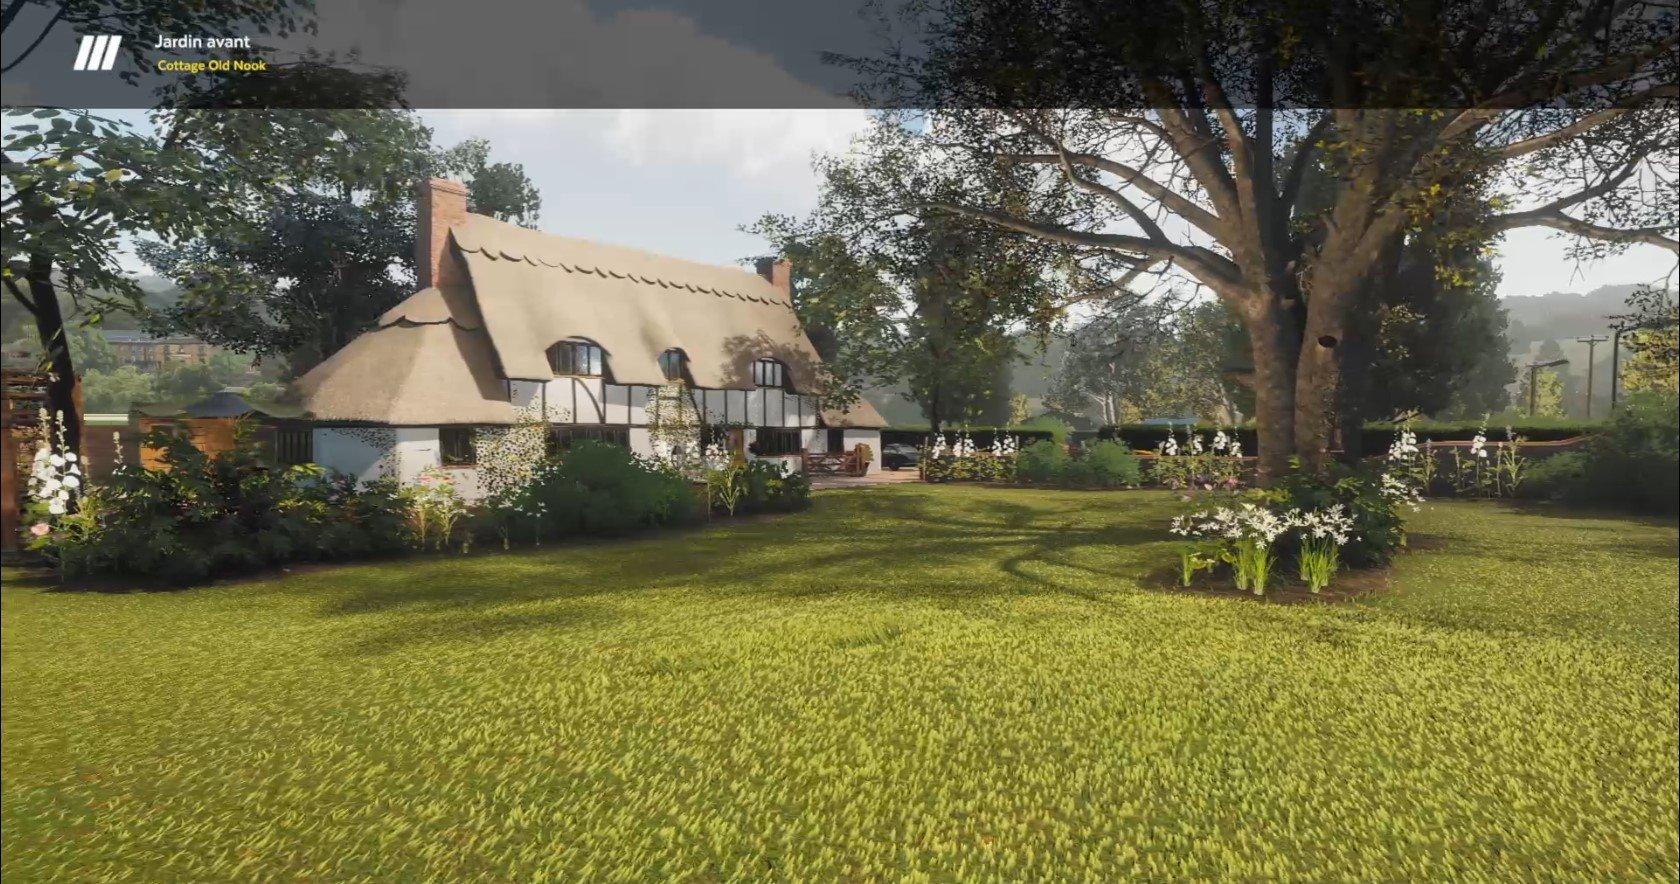 Lawn-Mowing-Simulator-Carrière-Premier-Contrat